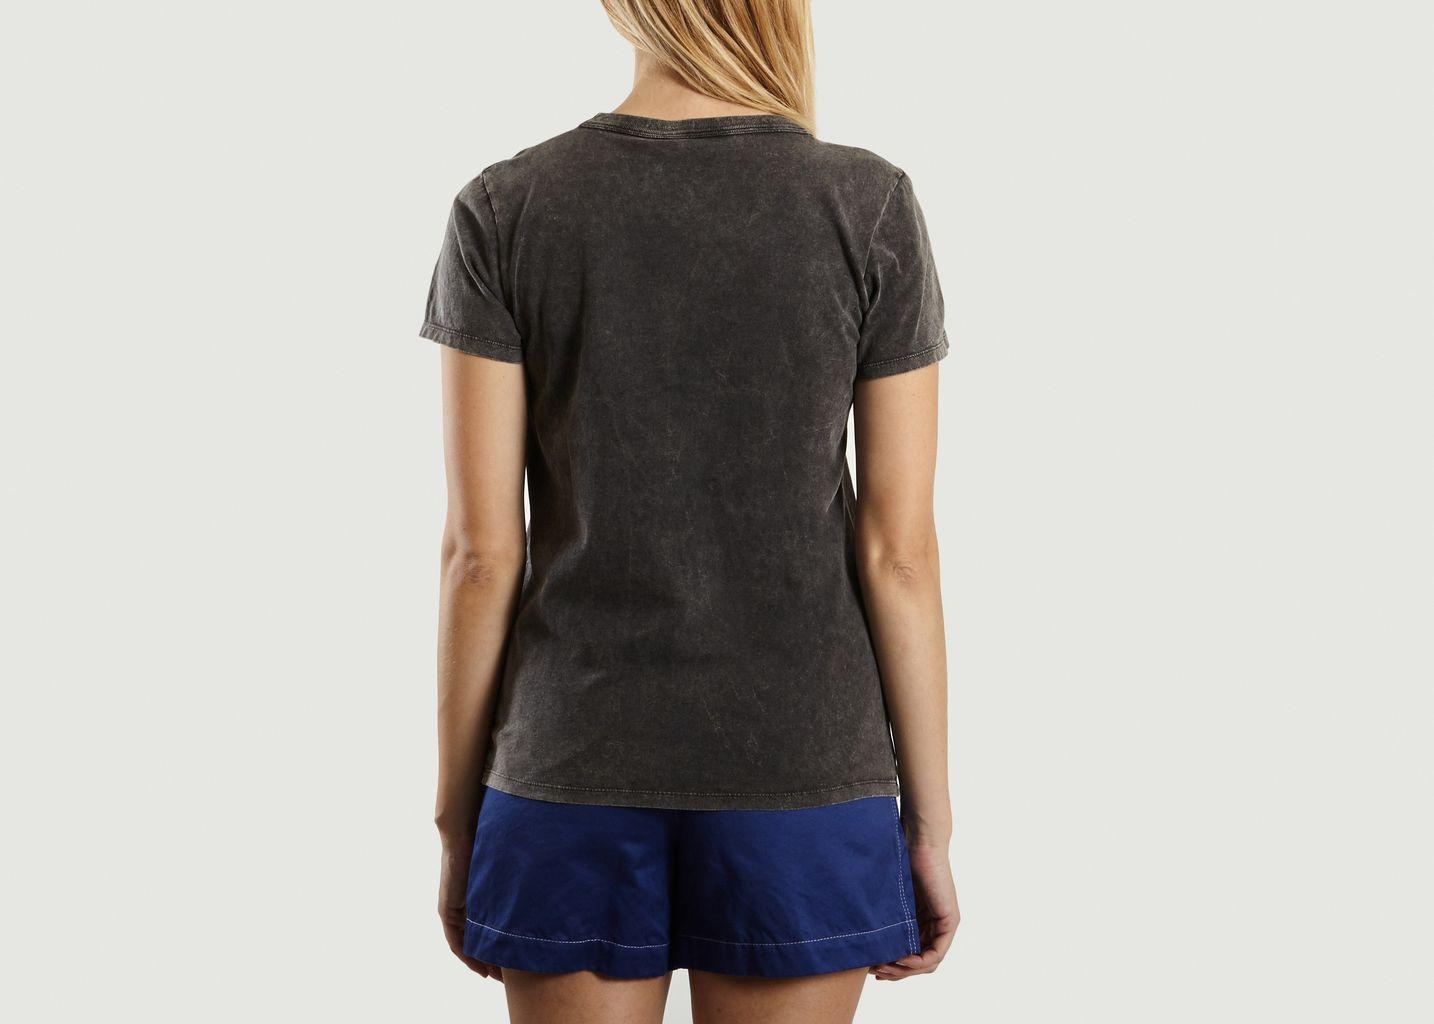 Palais Royal T-shirt - Maison Kitsuné